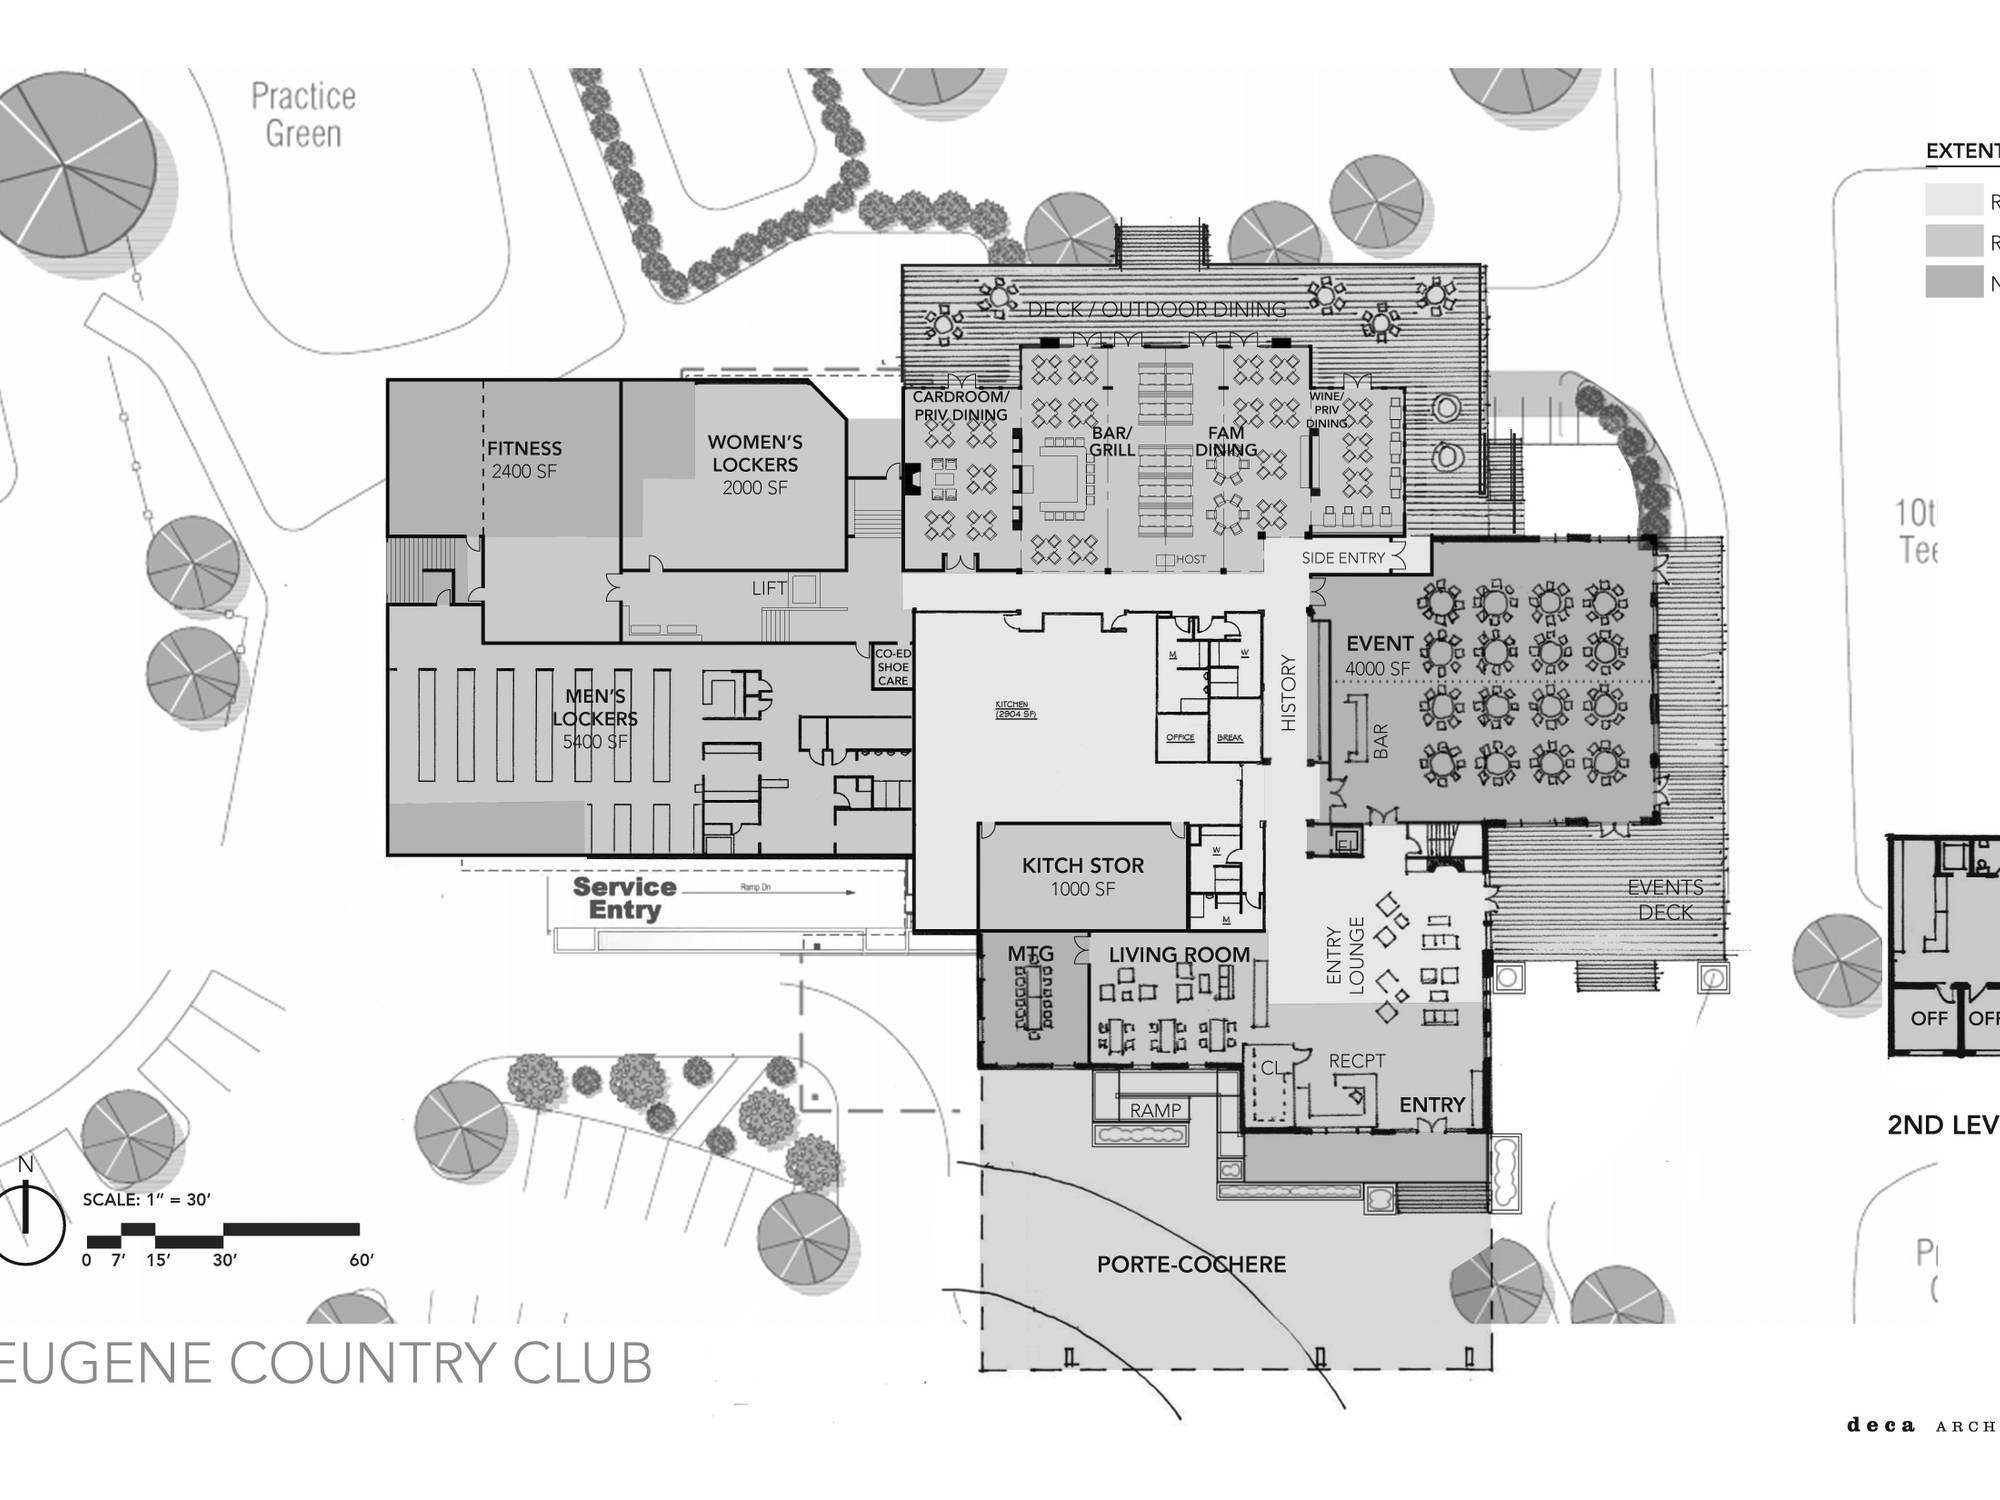 deca inc eugene country club close